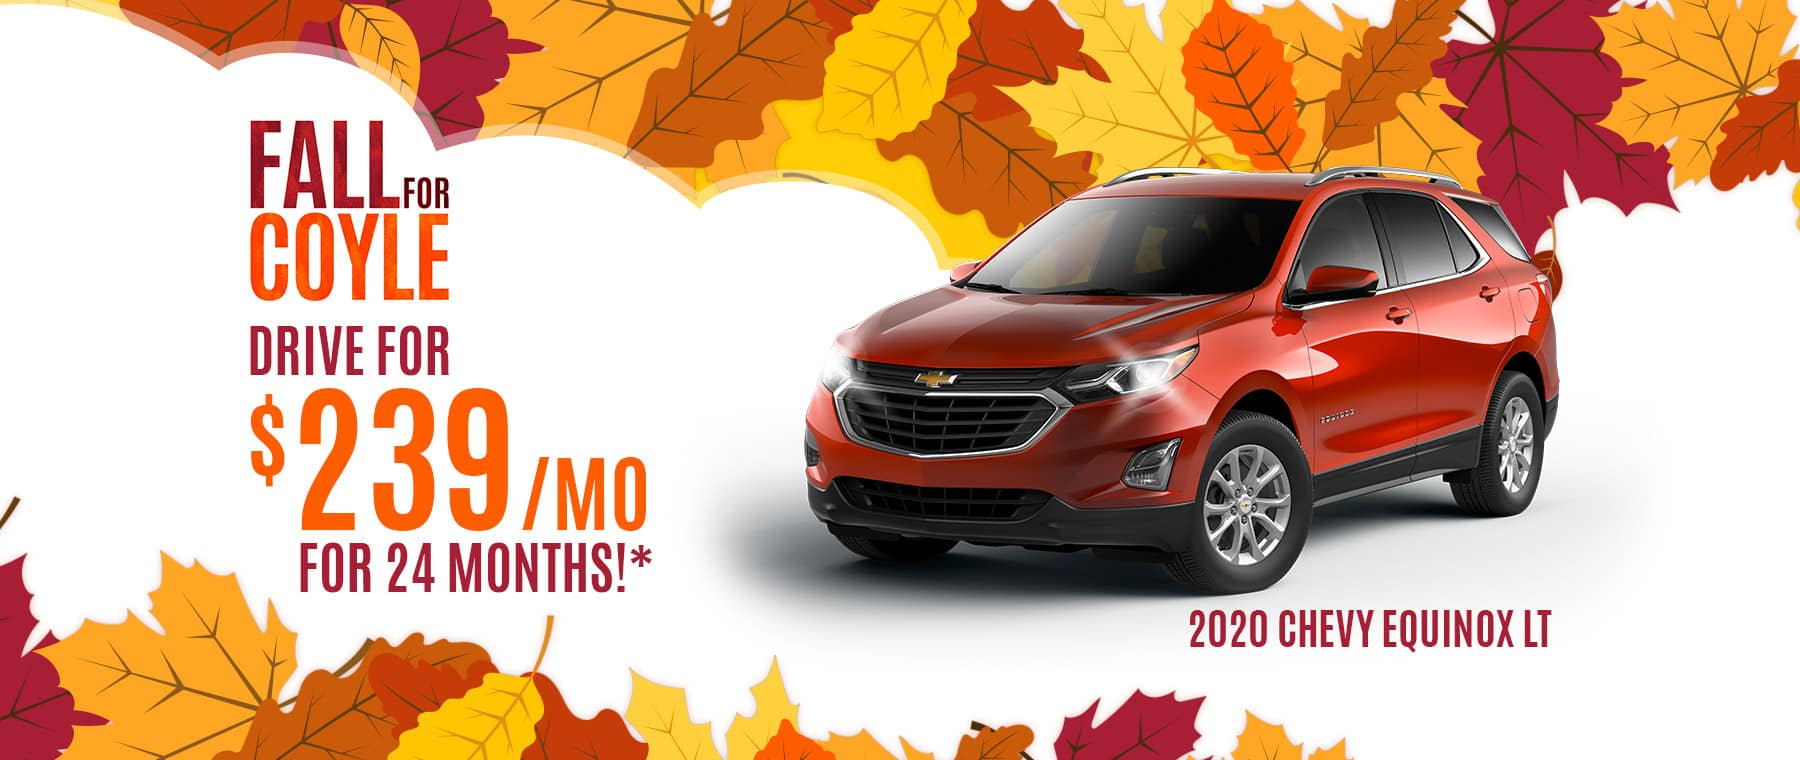 Lease a New 2020 Chevy Equinox near Louisville, Kentucky